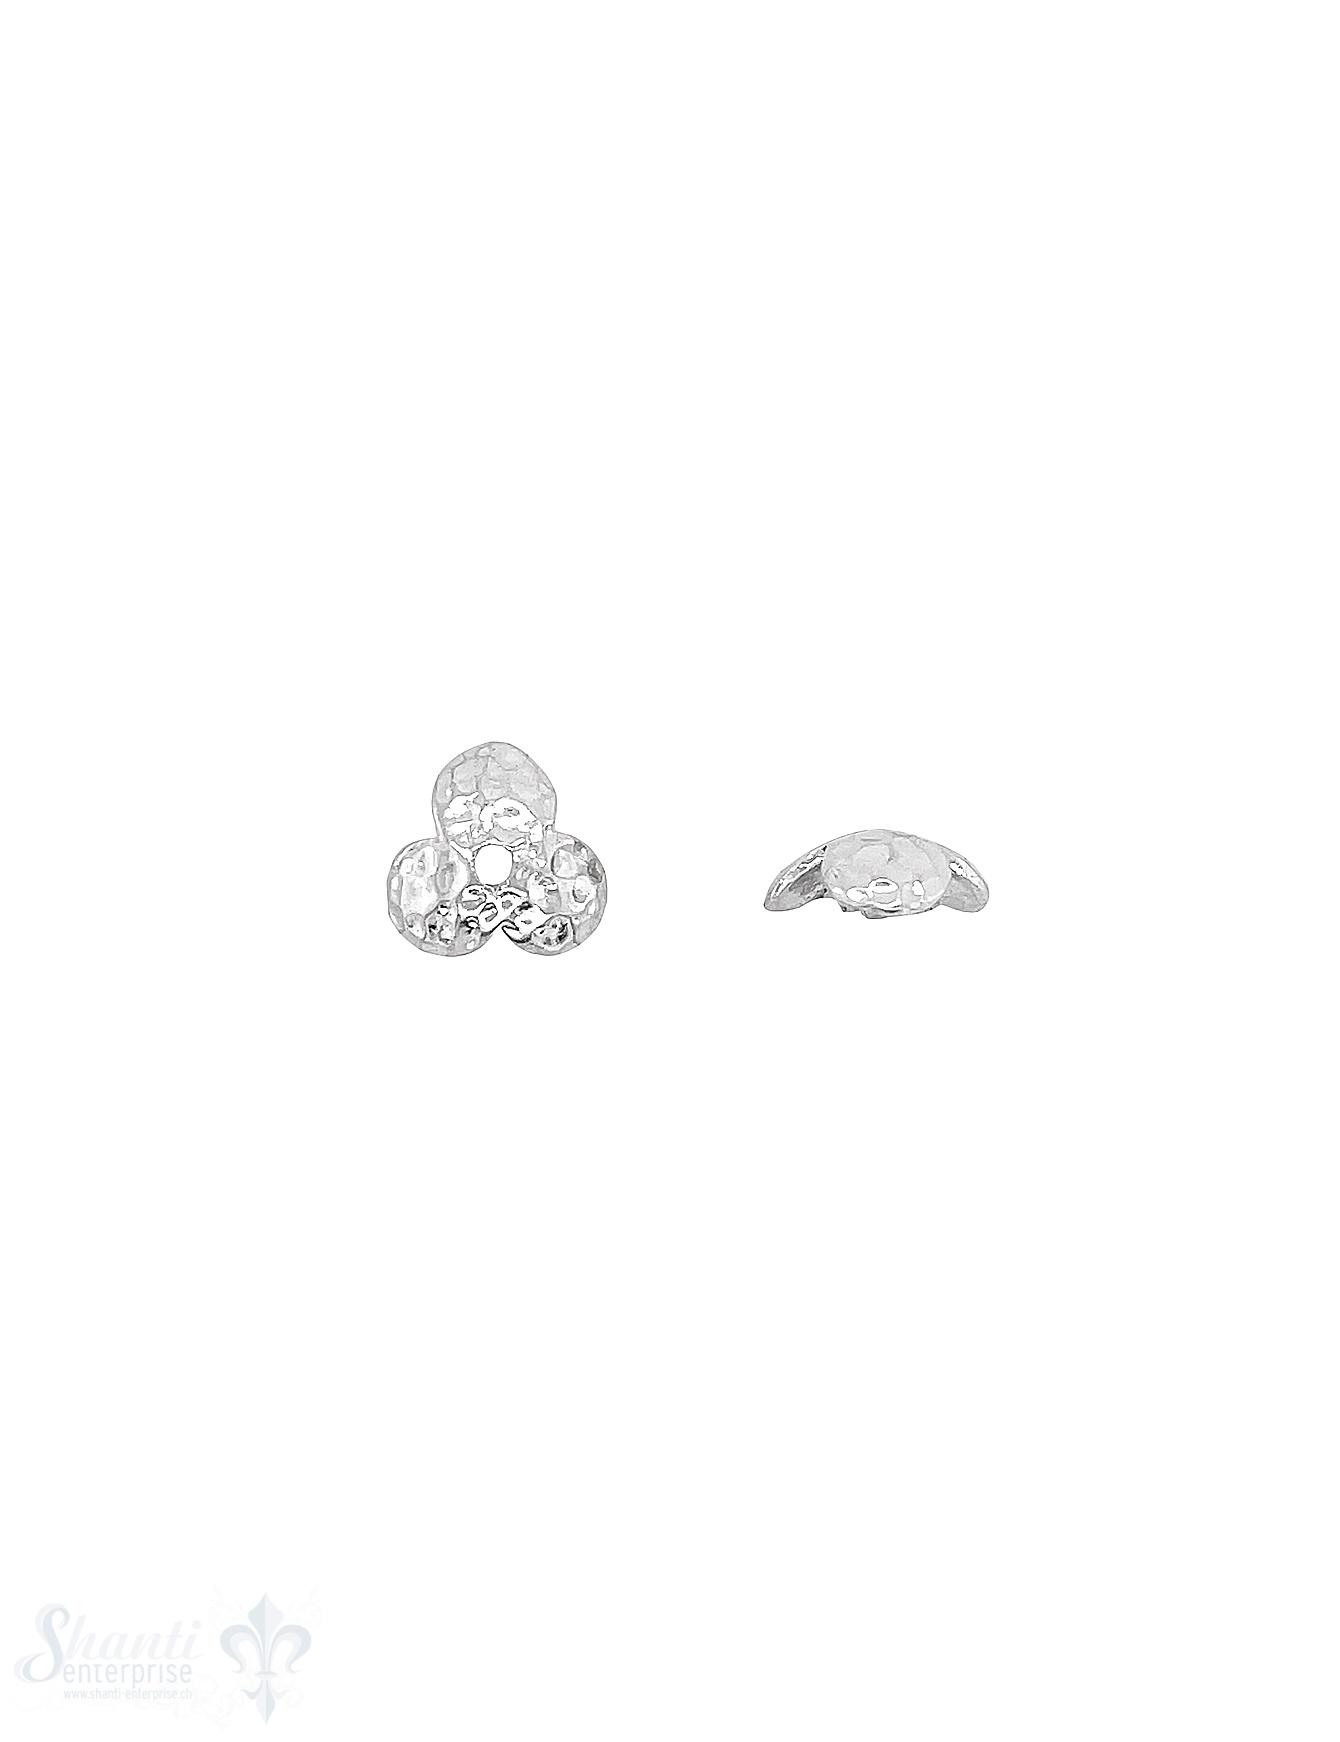 Blumen Perlkappe 10x3,8 mm 3-blättrig gehämmert